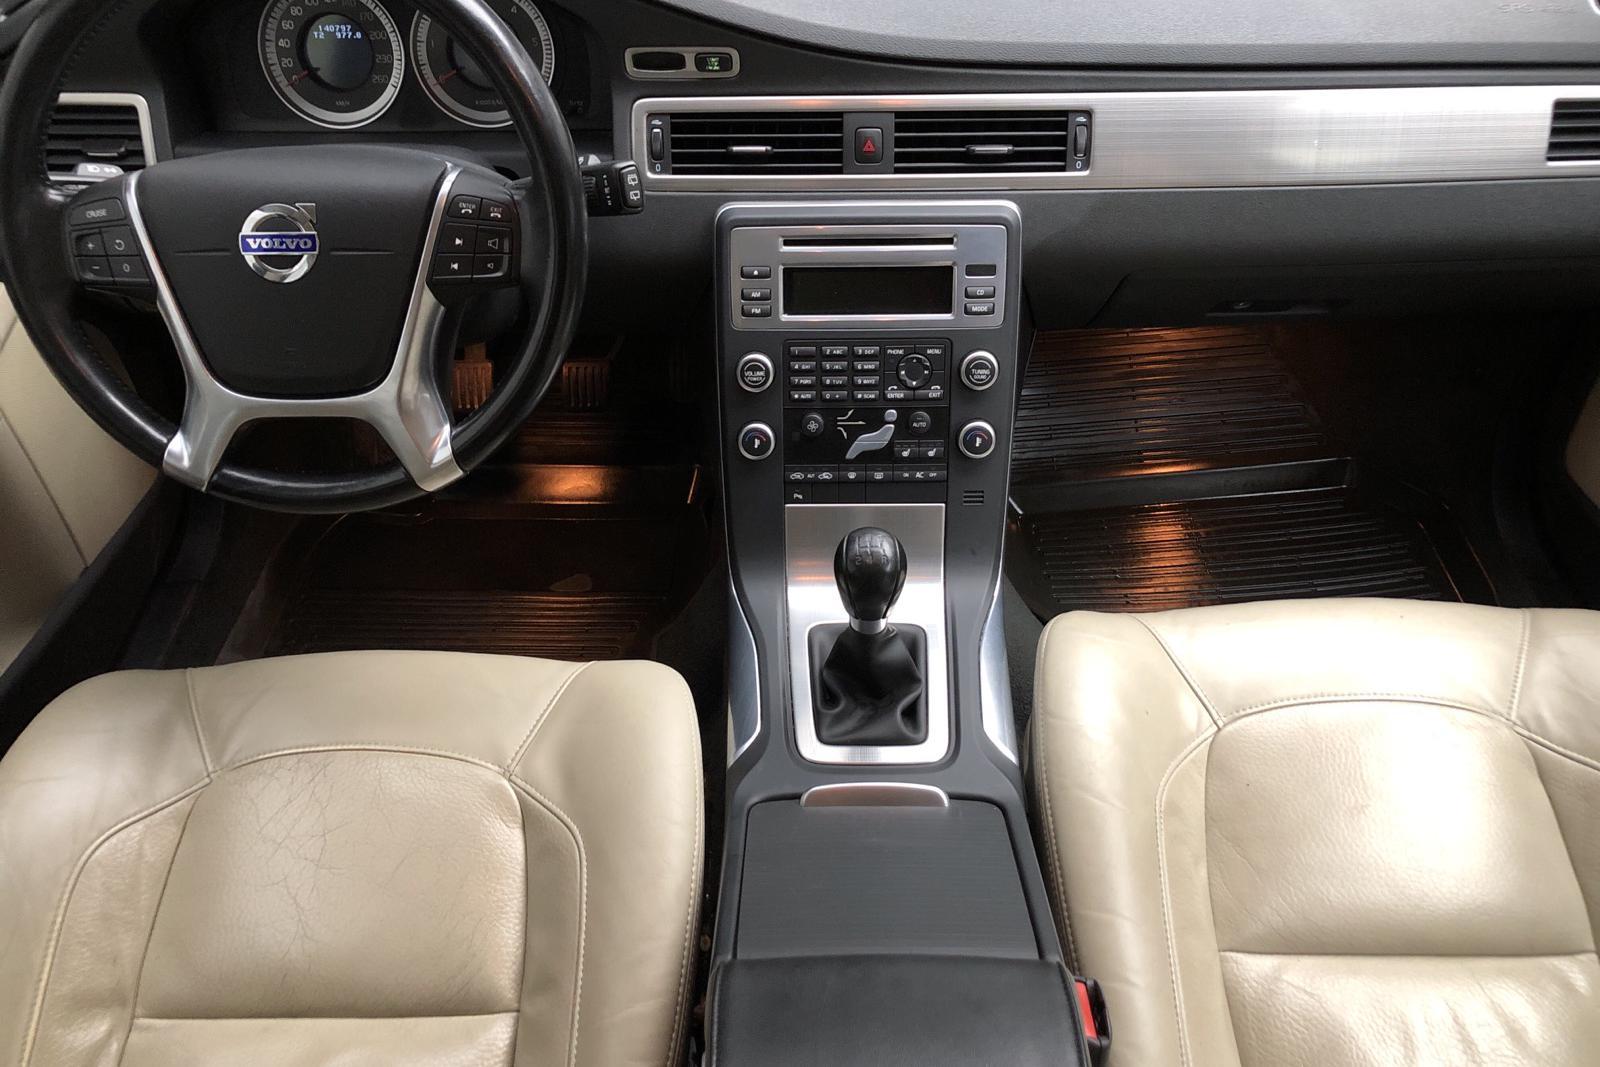 Volvo V70 II 1.6D DRIVe (109hk) - 14 069 mil - Manuell - svart - 2011